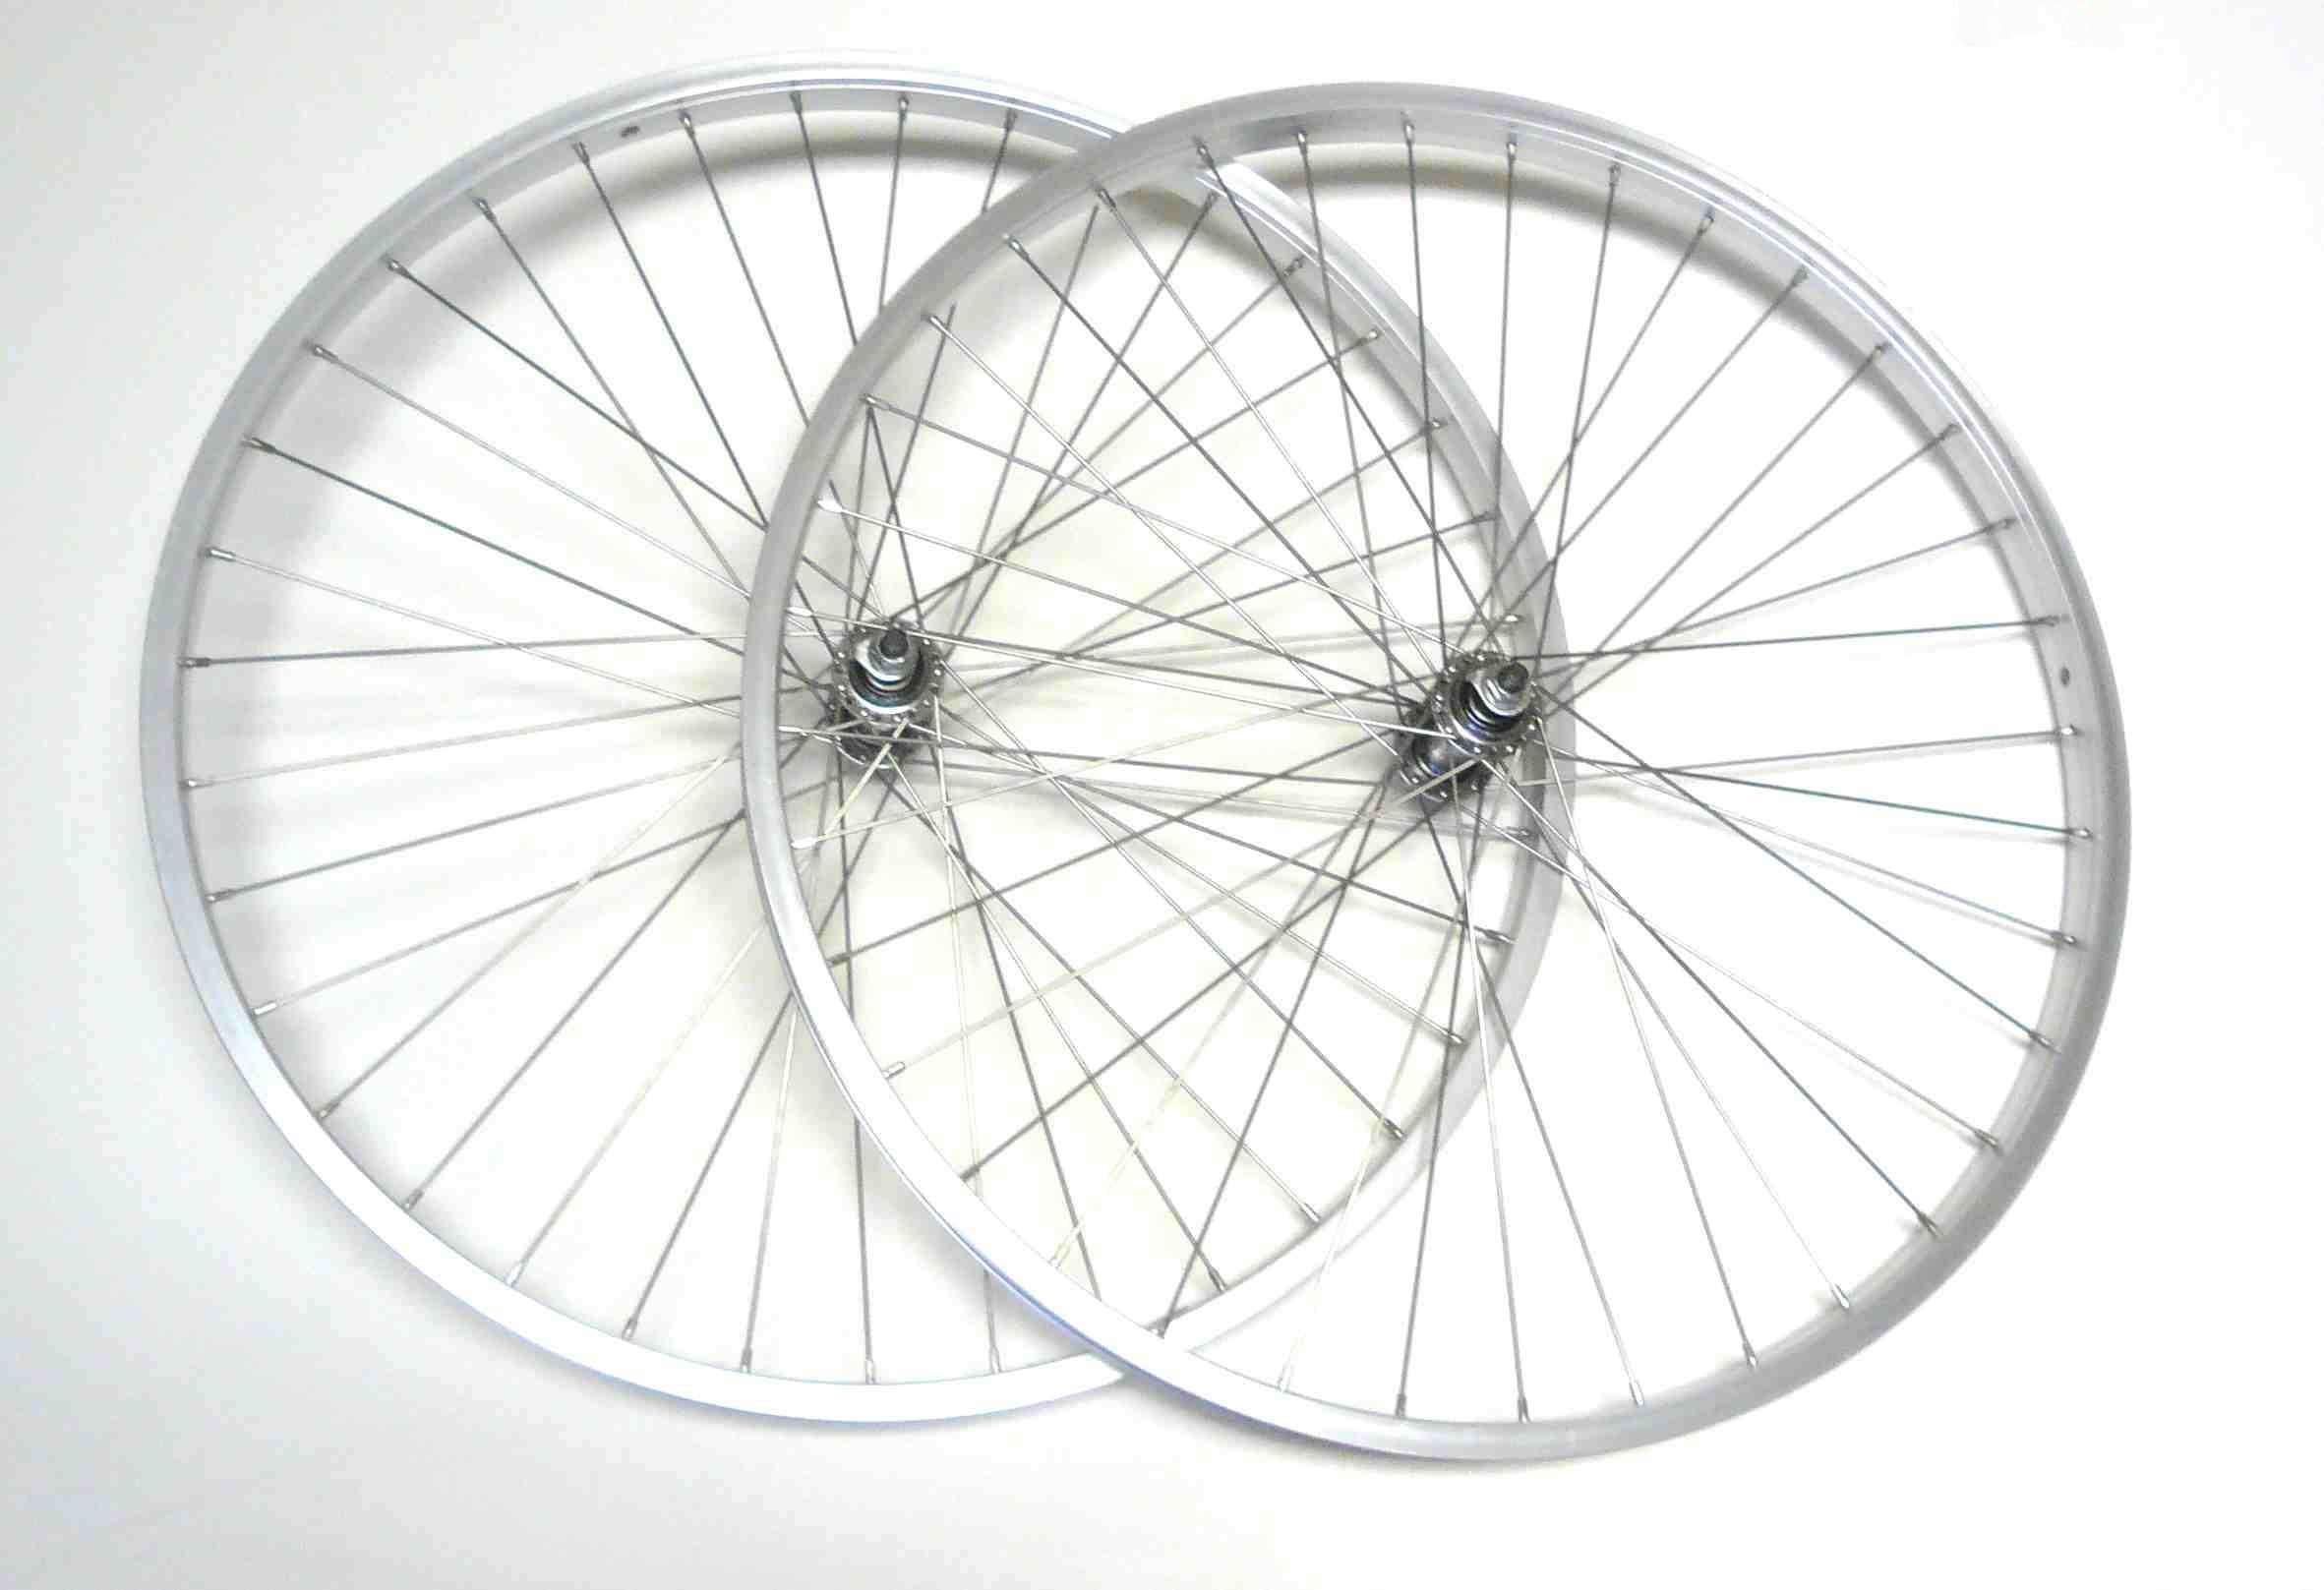 26x1 5 Mountain Bike 7 Speed Front Rear Wheels Rims